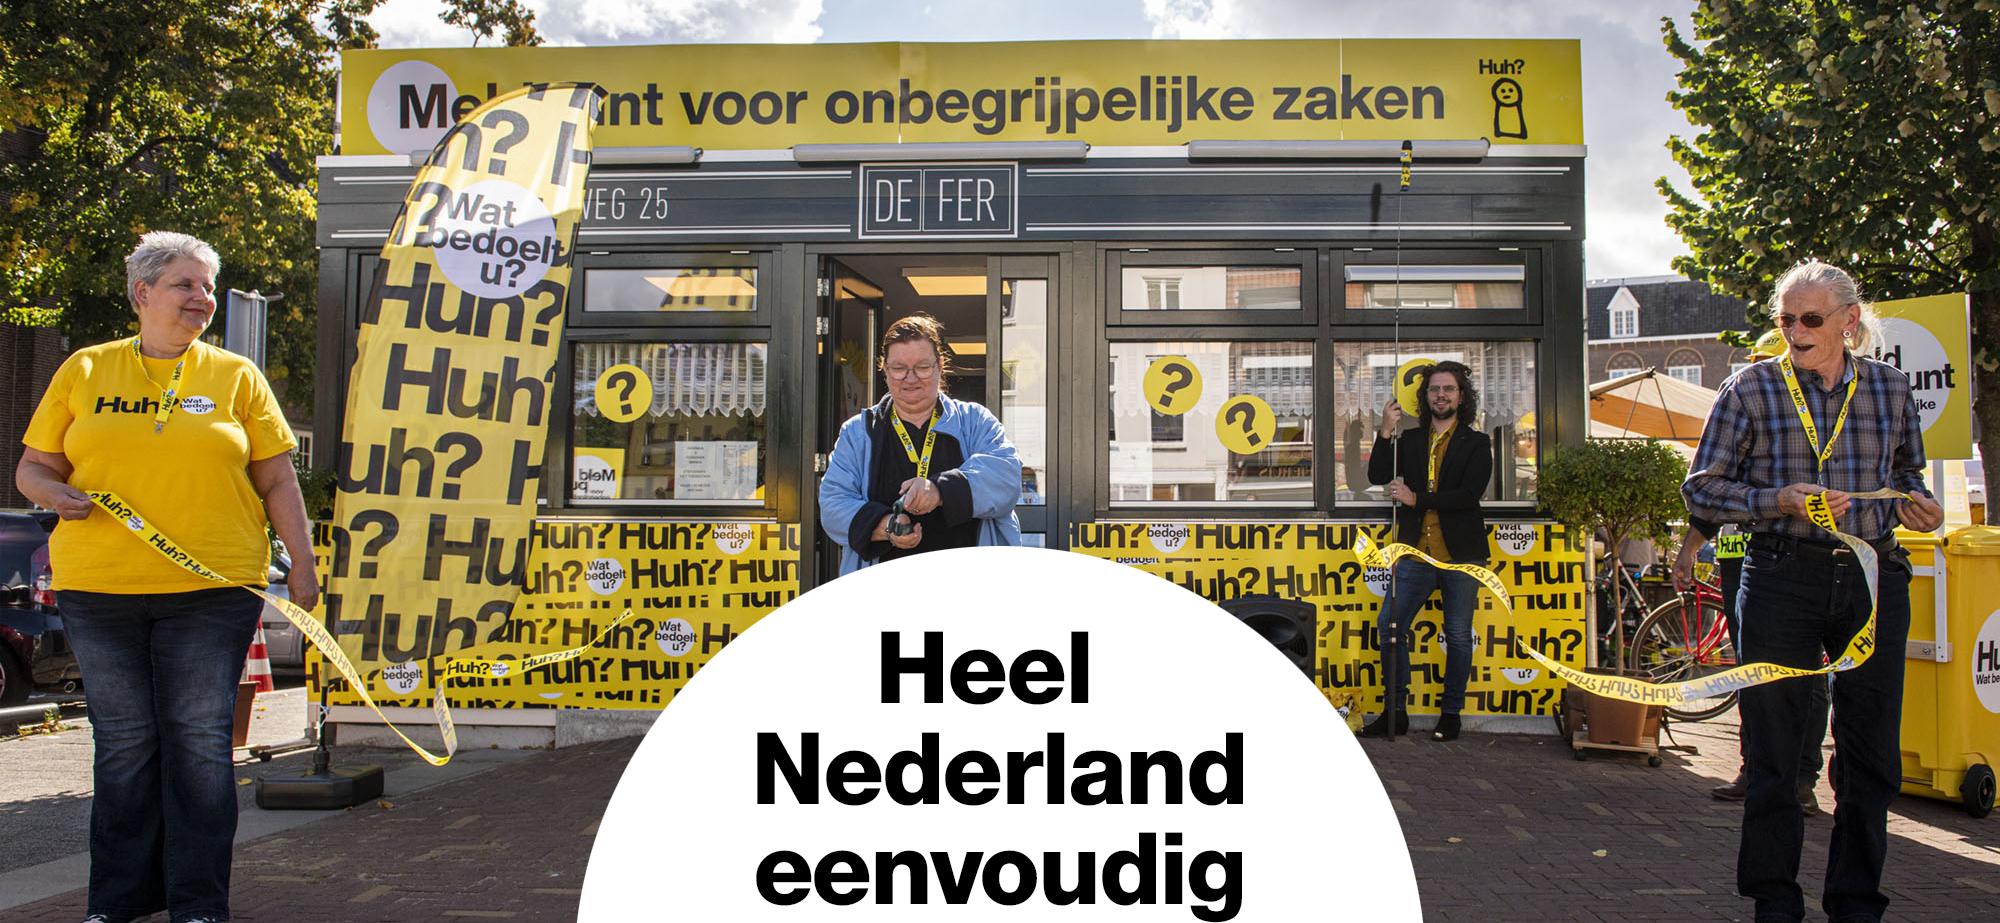 LOCATIE: Breda - DATUM: 20/09/05 - FOTOGRAAF: Pix4Profs/Edwin Wiekens - OMSCHRIJVING: Op dinsdag 8 september is het Wereldalfabetiseringsdag. Die dag is een ideaal moment om aandacht te vragen voor de aanpak van laaggeletterdheid. Daarom is vandaag de opening van het meldpunt Huh? Wat bedoelt u? Onbegrijpelijke taal vereenvoudigen voor die mensen in de samenleving die dat nodig hebben